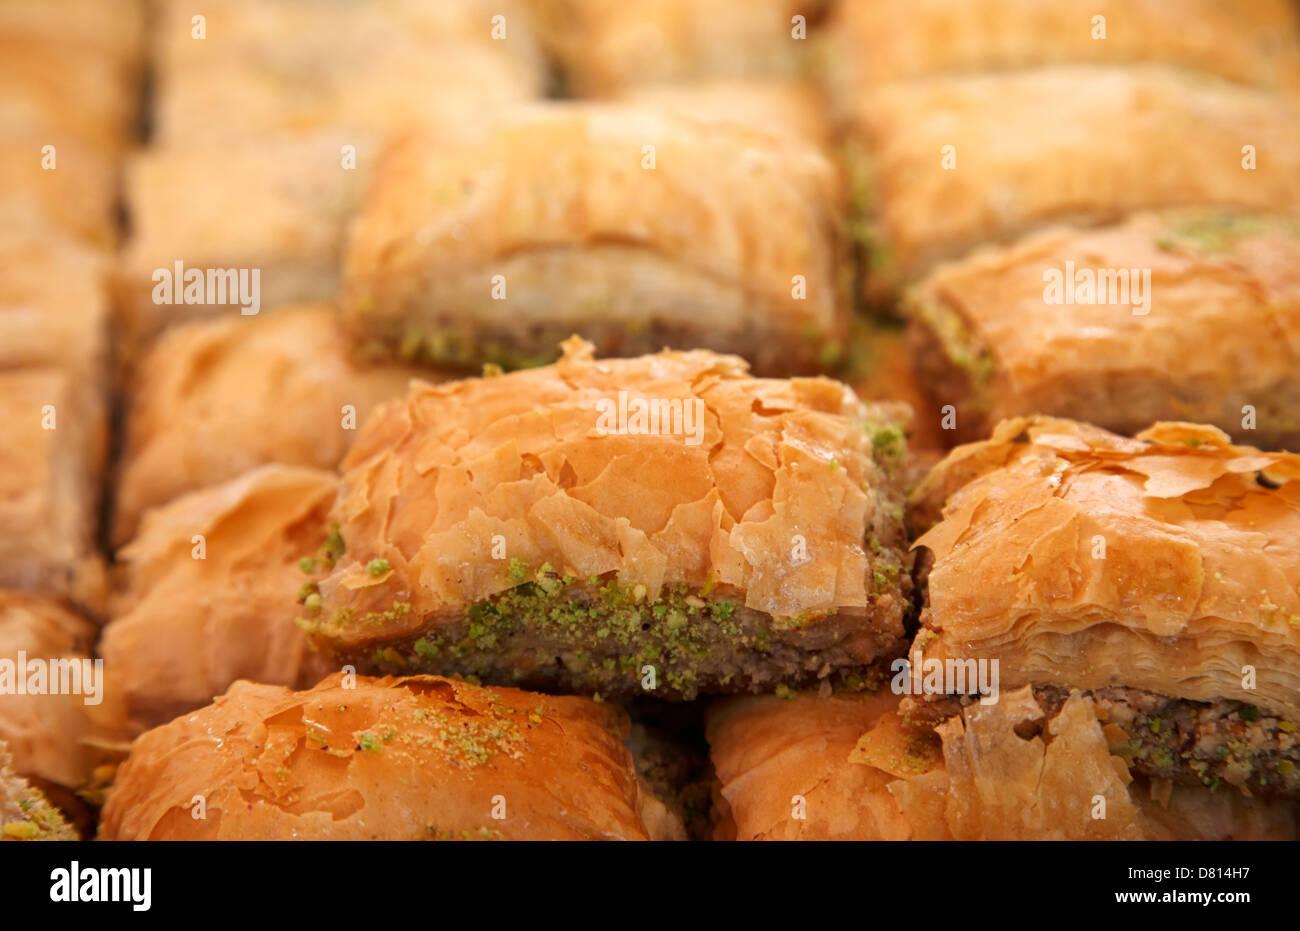 Baklava pâtisseries sur un plateau Photo Stock